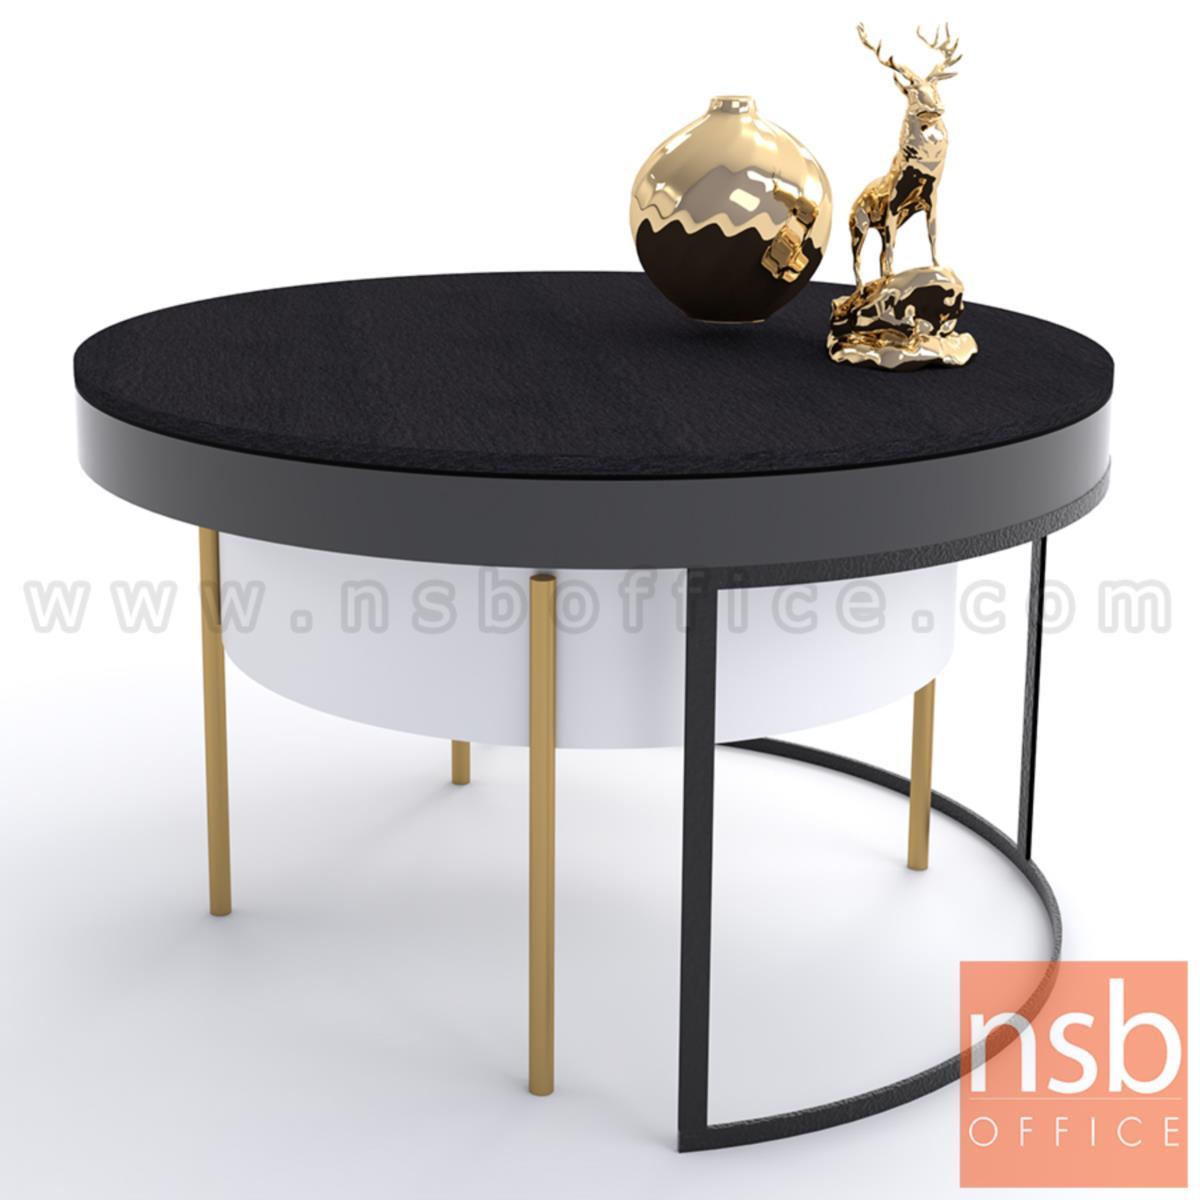 โต๊ะกลางกลมหน้าหิน รุ่น Alder (ออลเดอร์)  ขาสีทอง